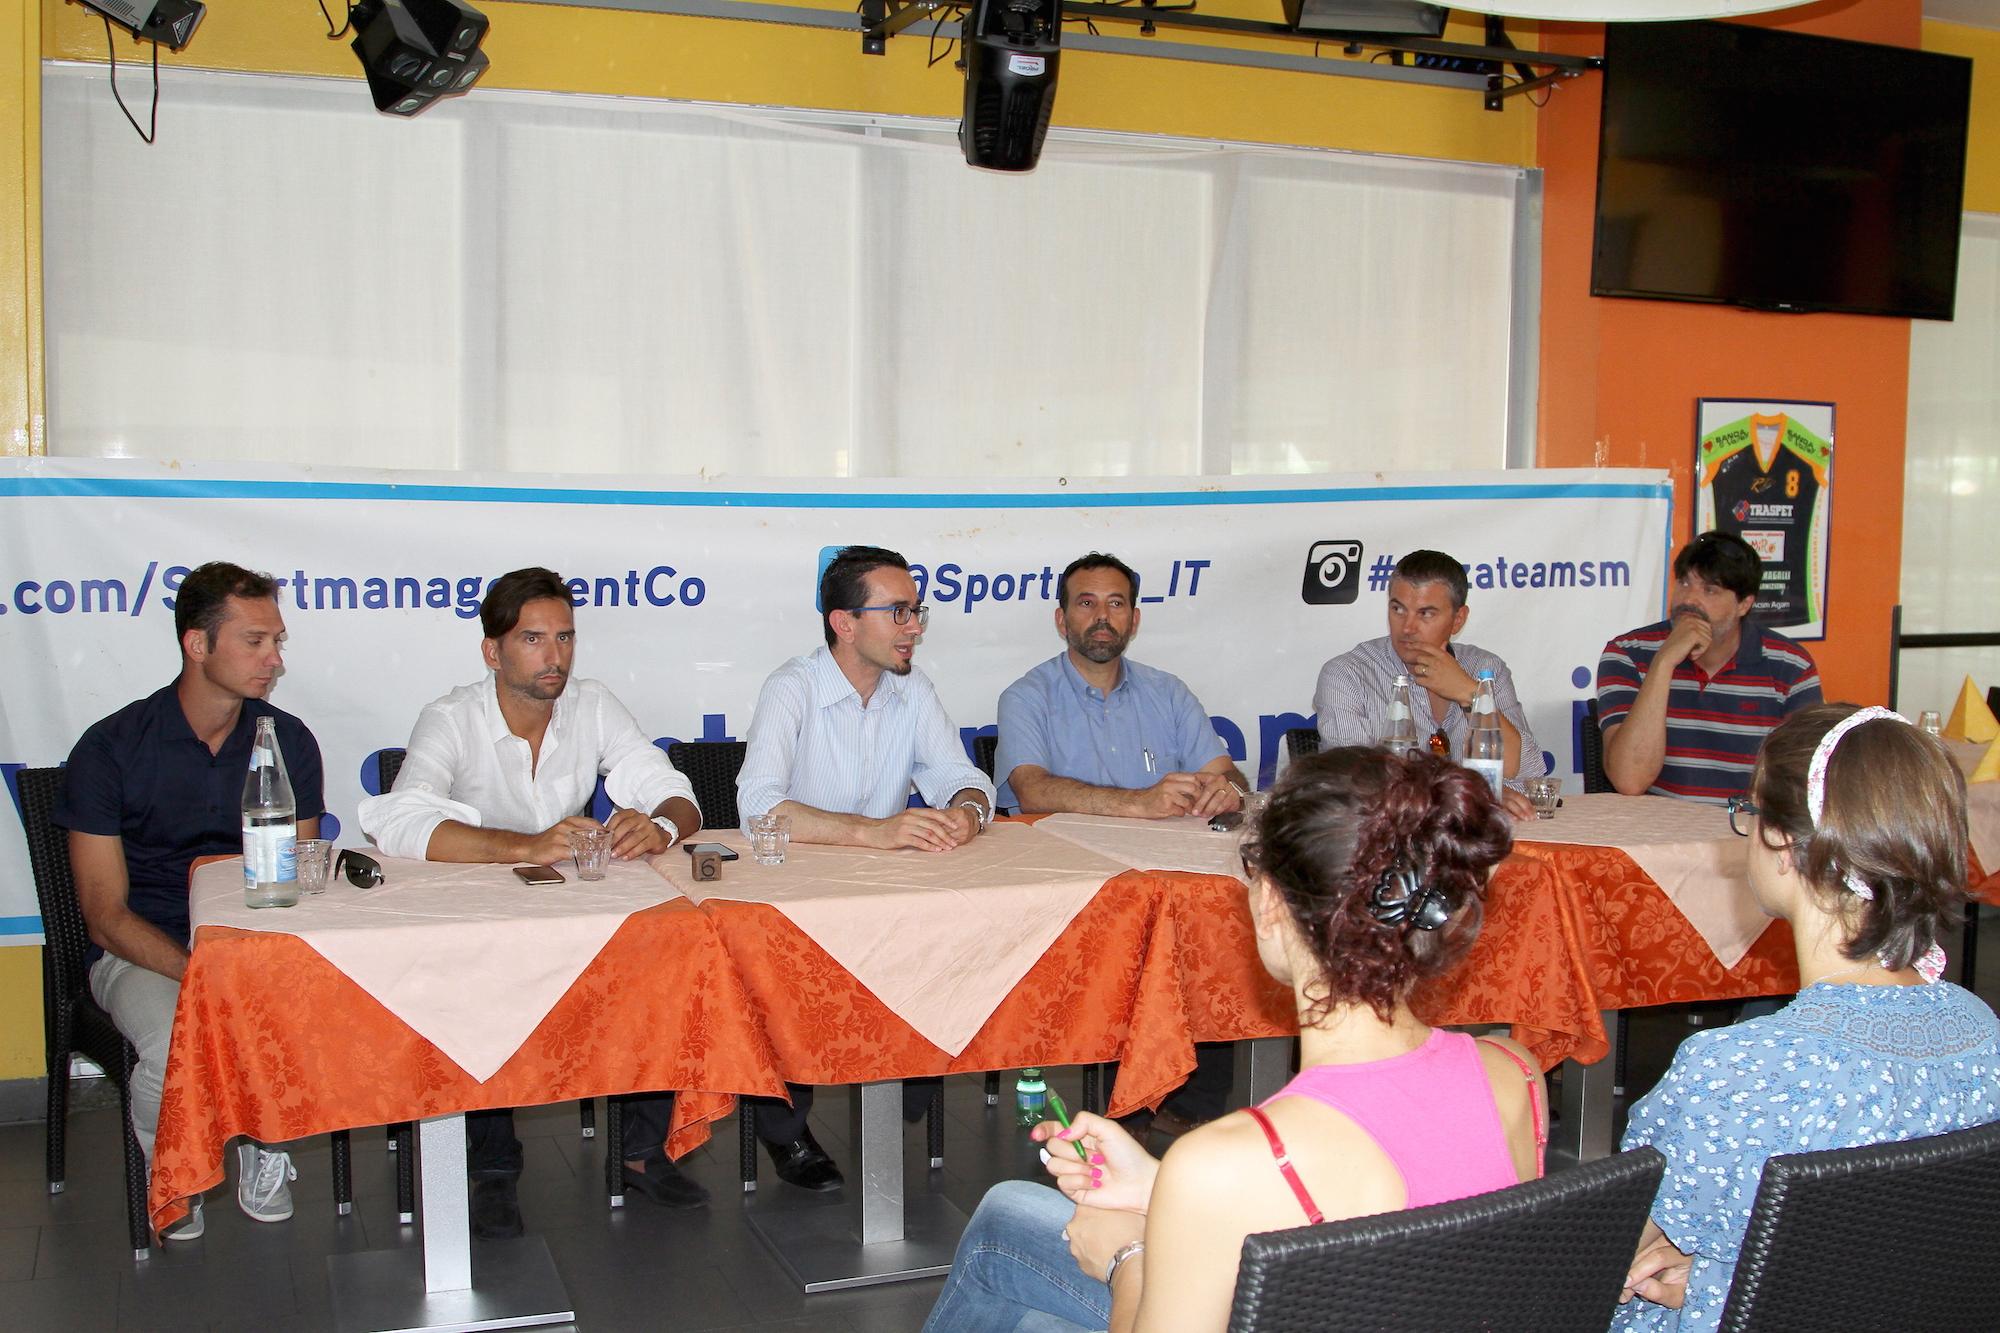 Piscina conferenza stampa noi brugherio - Piscina brugherio ...